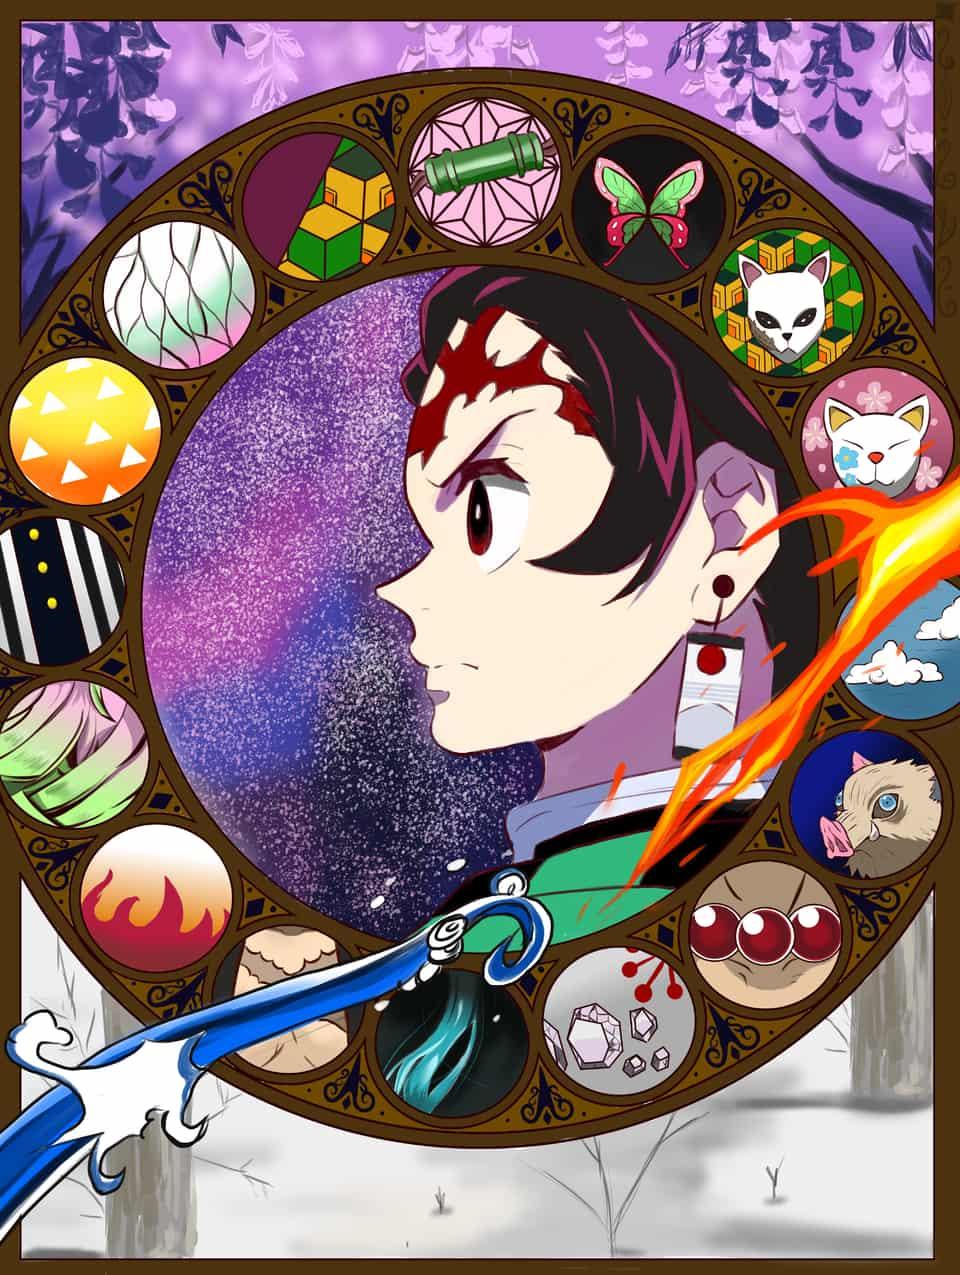 羈絆 Illust of 我想靜靜 DemonSlayerFanartContest KimetsunoYaiba 鬼滅の刃柱 鬼滅の刃オリキャラ